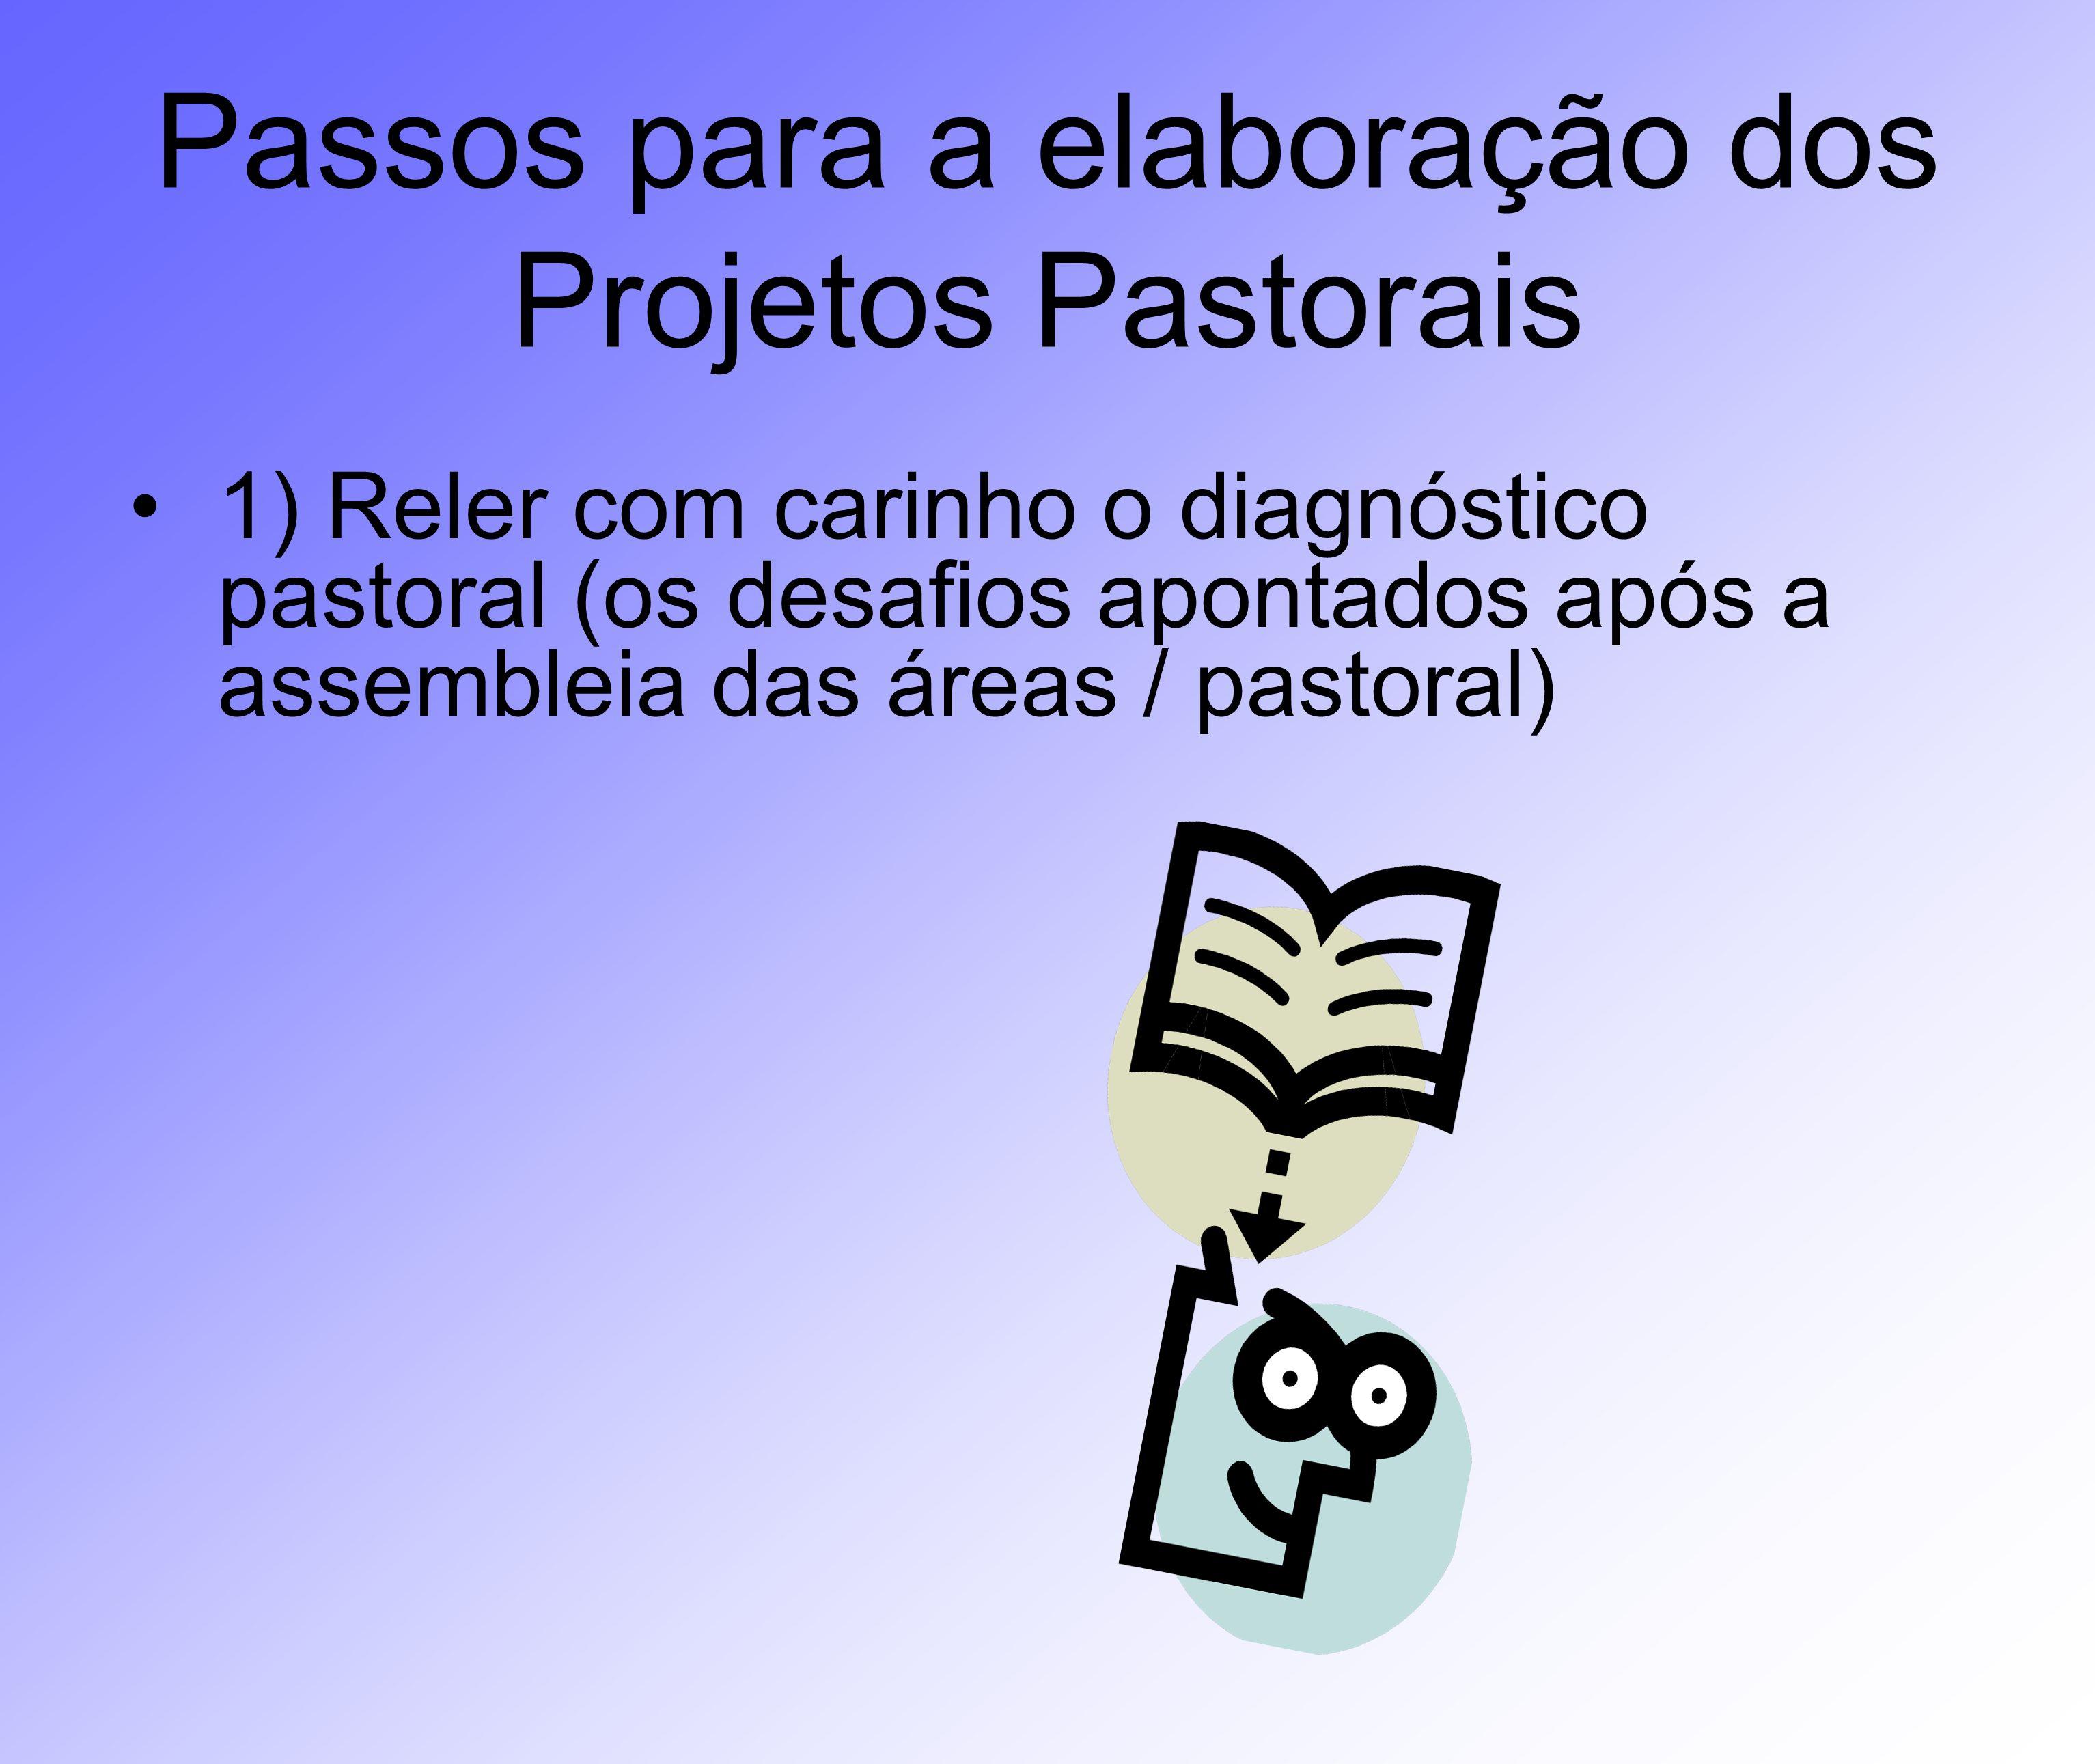 Passos para a elaboração dos Projetos Pastorais